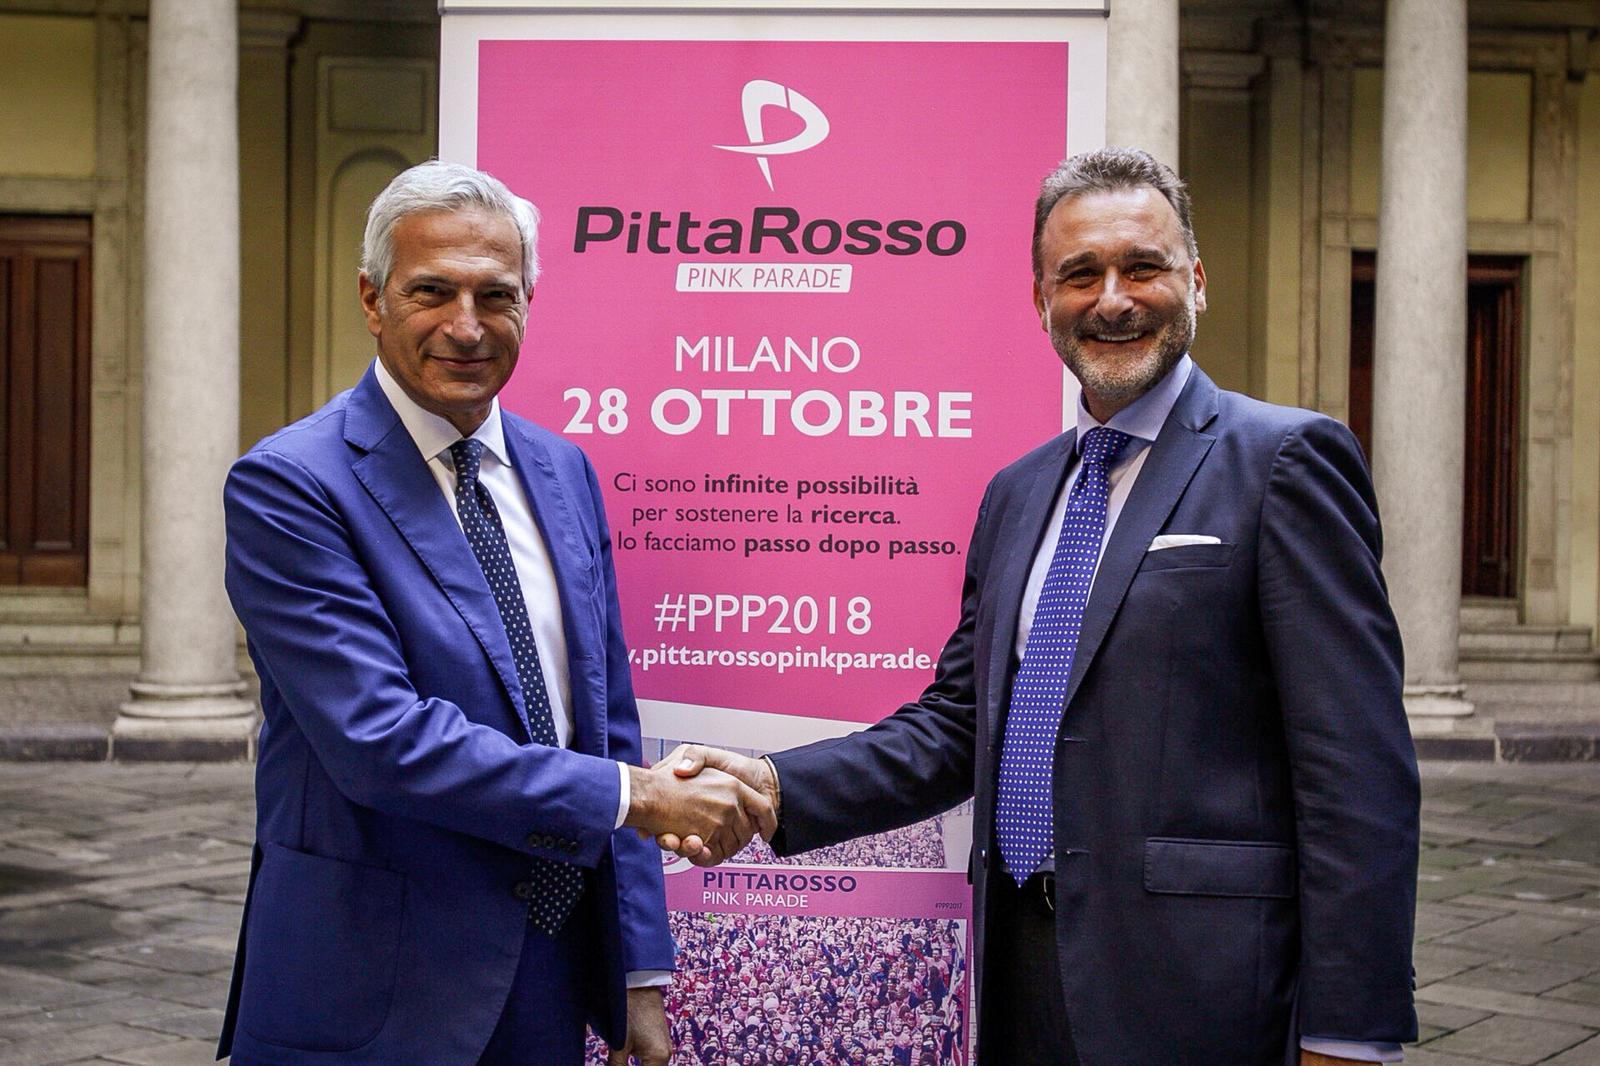 Pittarosso Pink Parade